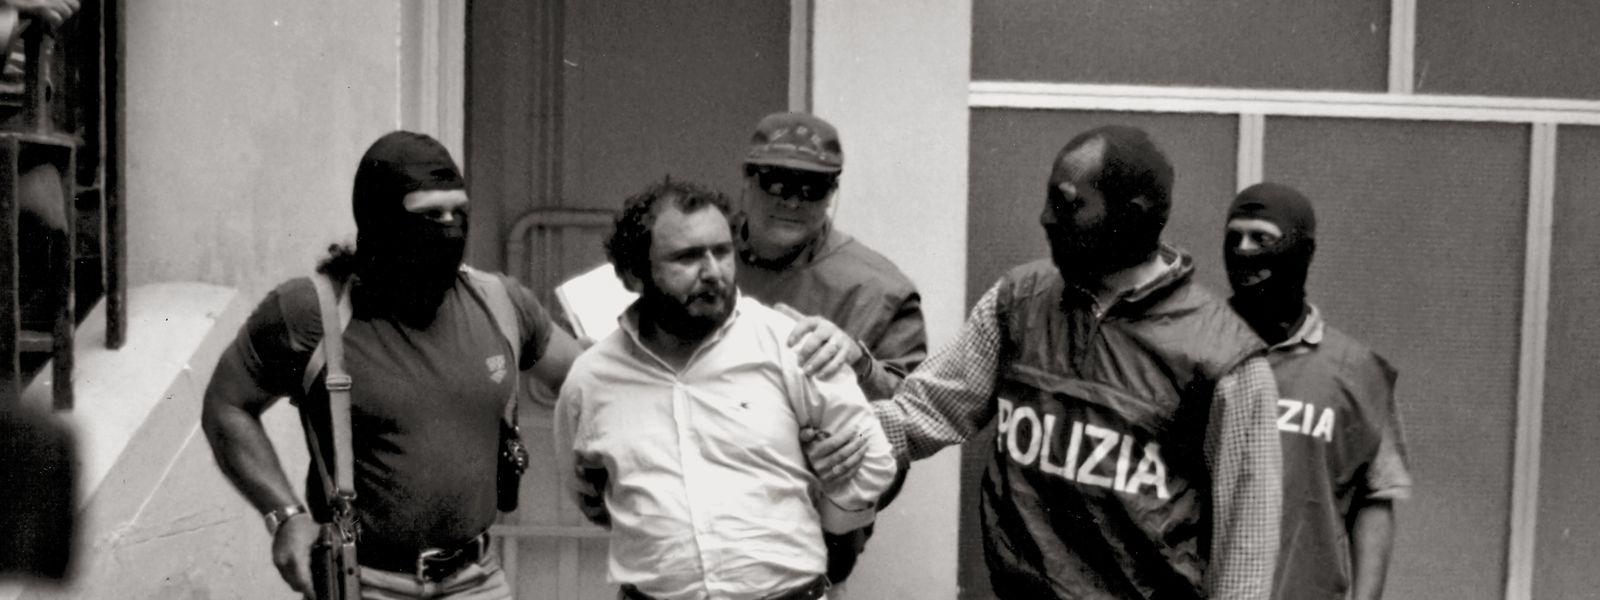 Giovanni Brusca nach seiner Verhaftung am 20. Mai 1996.